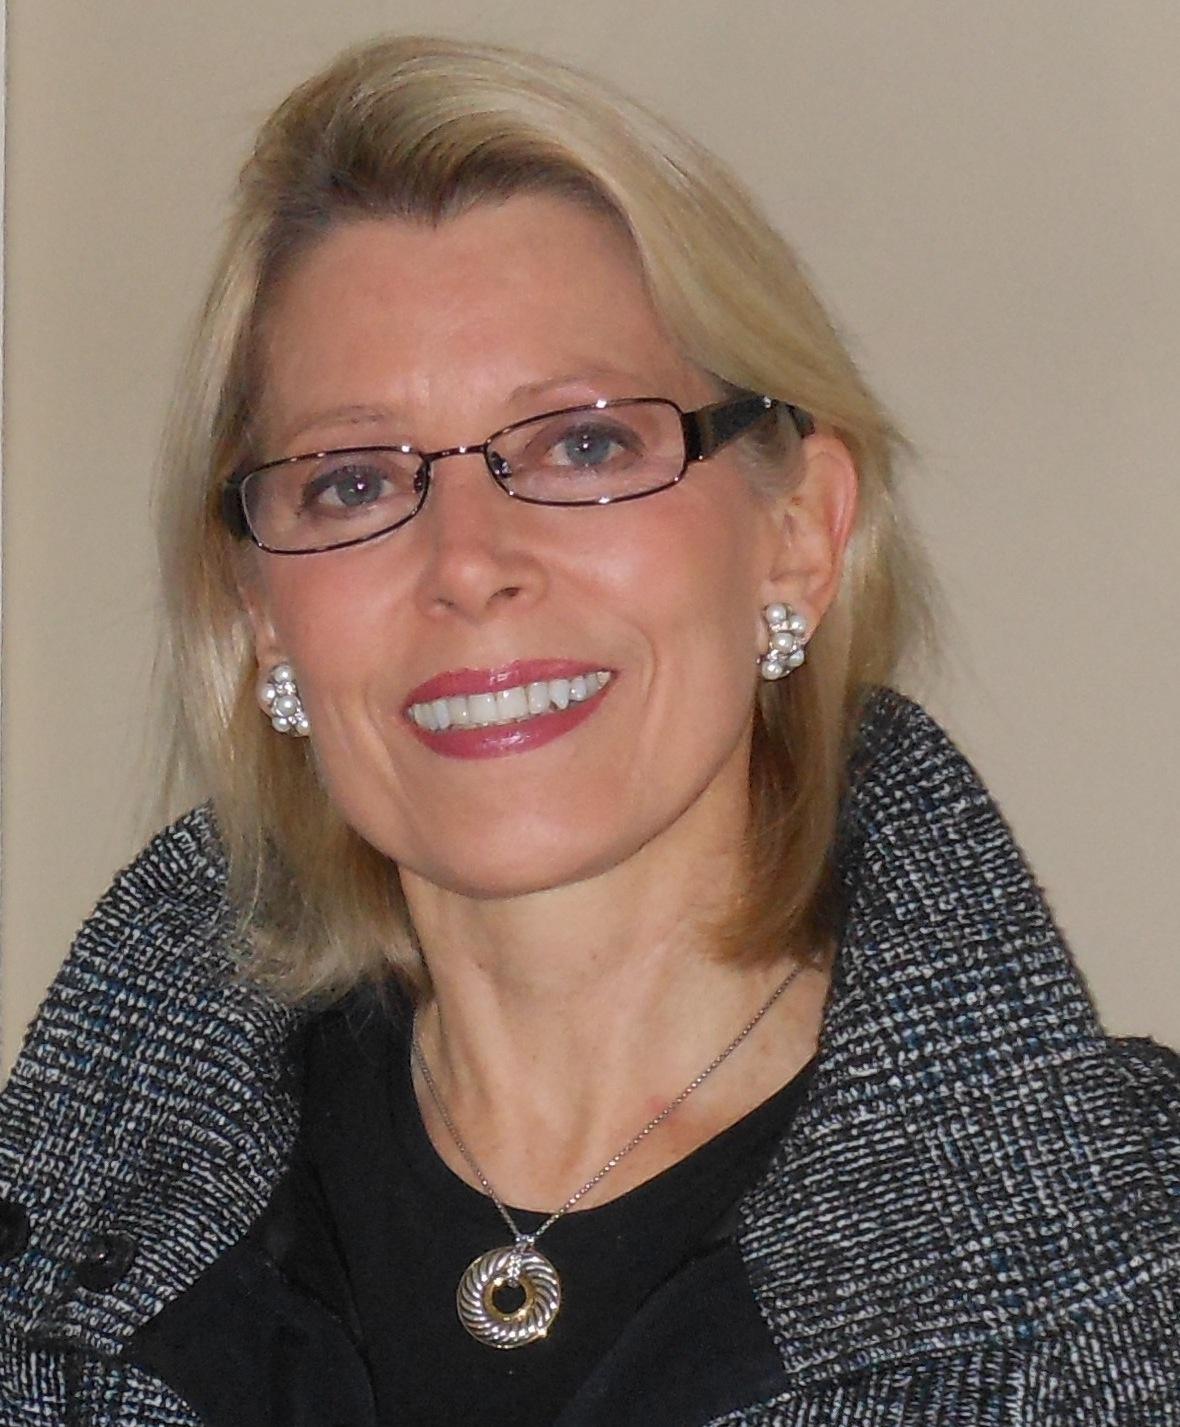 Daria Rockholz